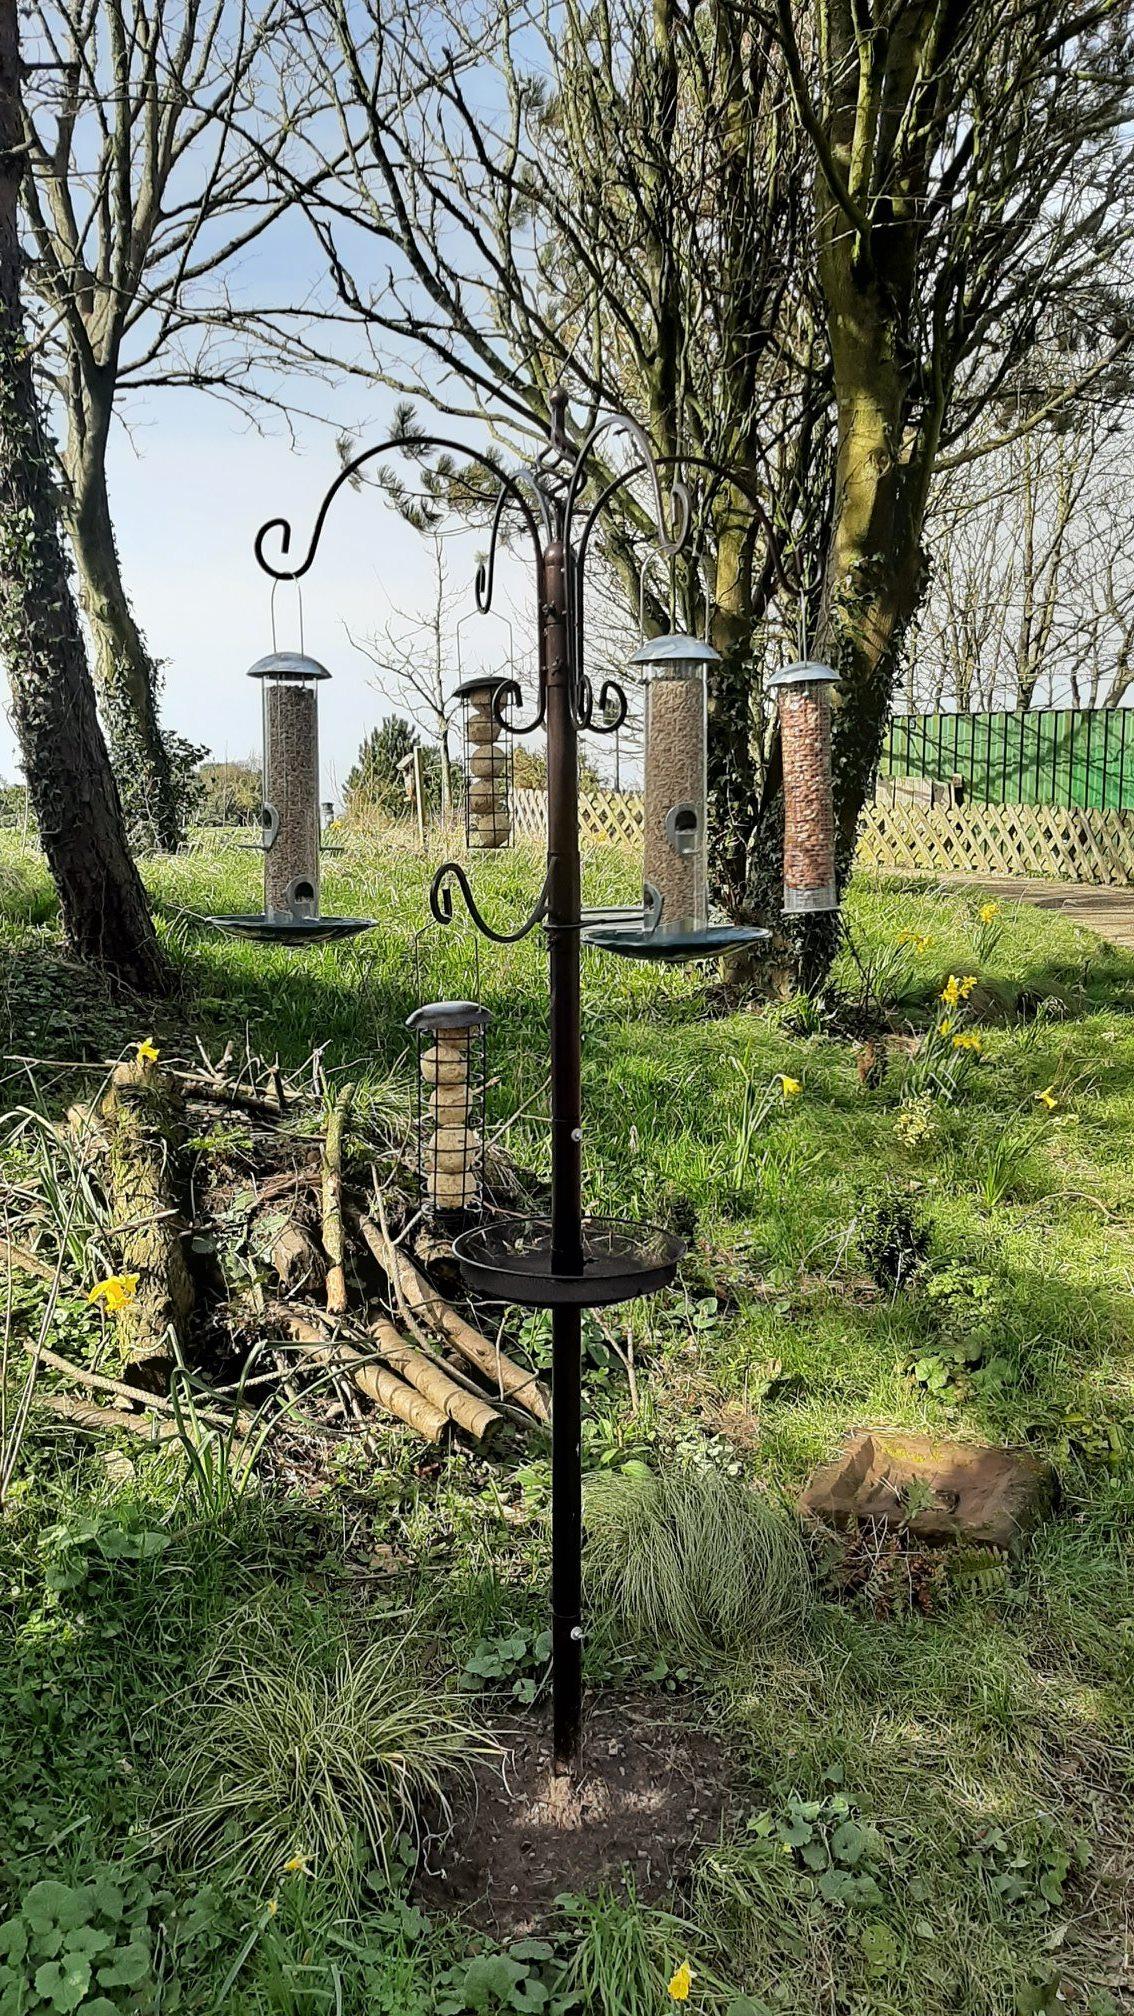 New Bird Feeding Station